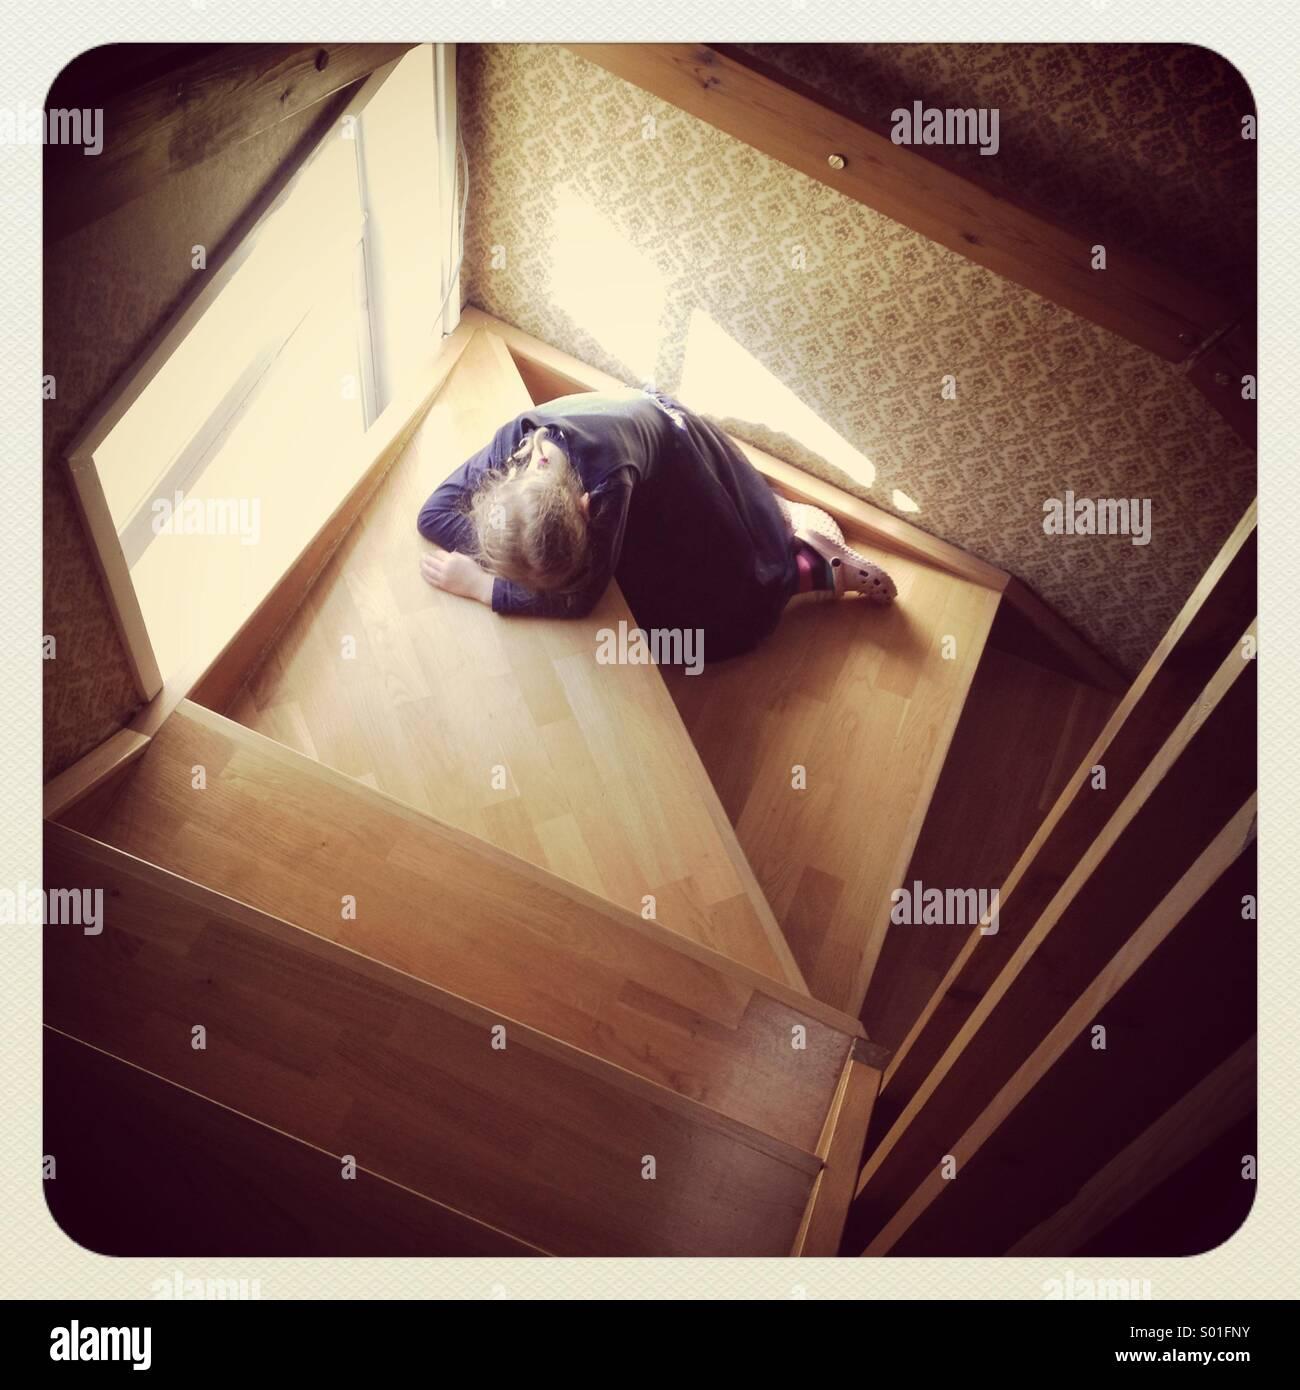 Una niña dormida o malestar en algunas escaleras de madera antigua Imagen De Stock